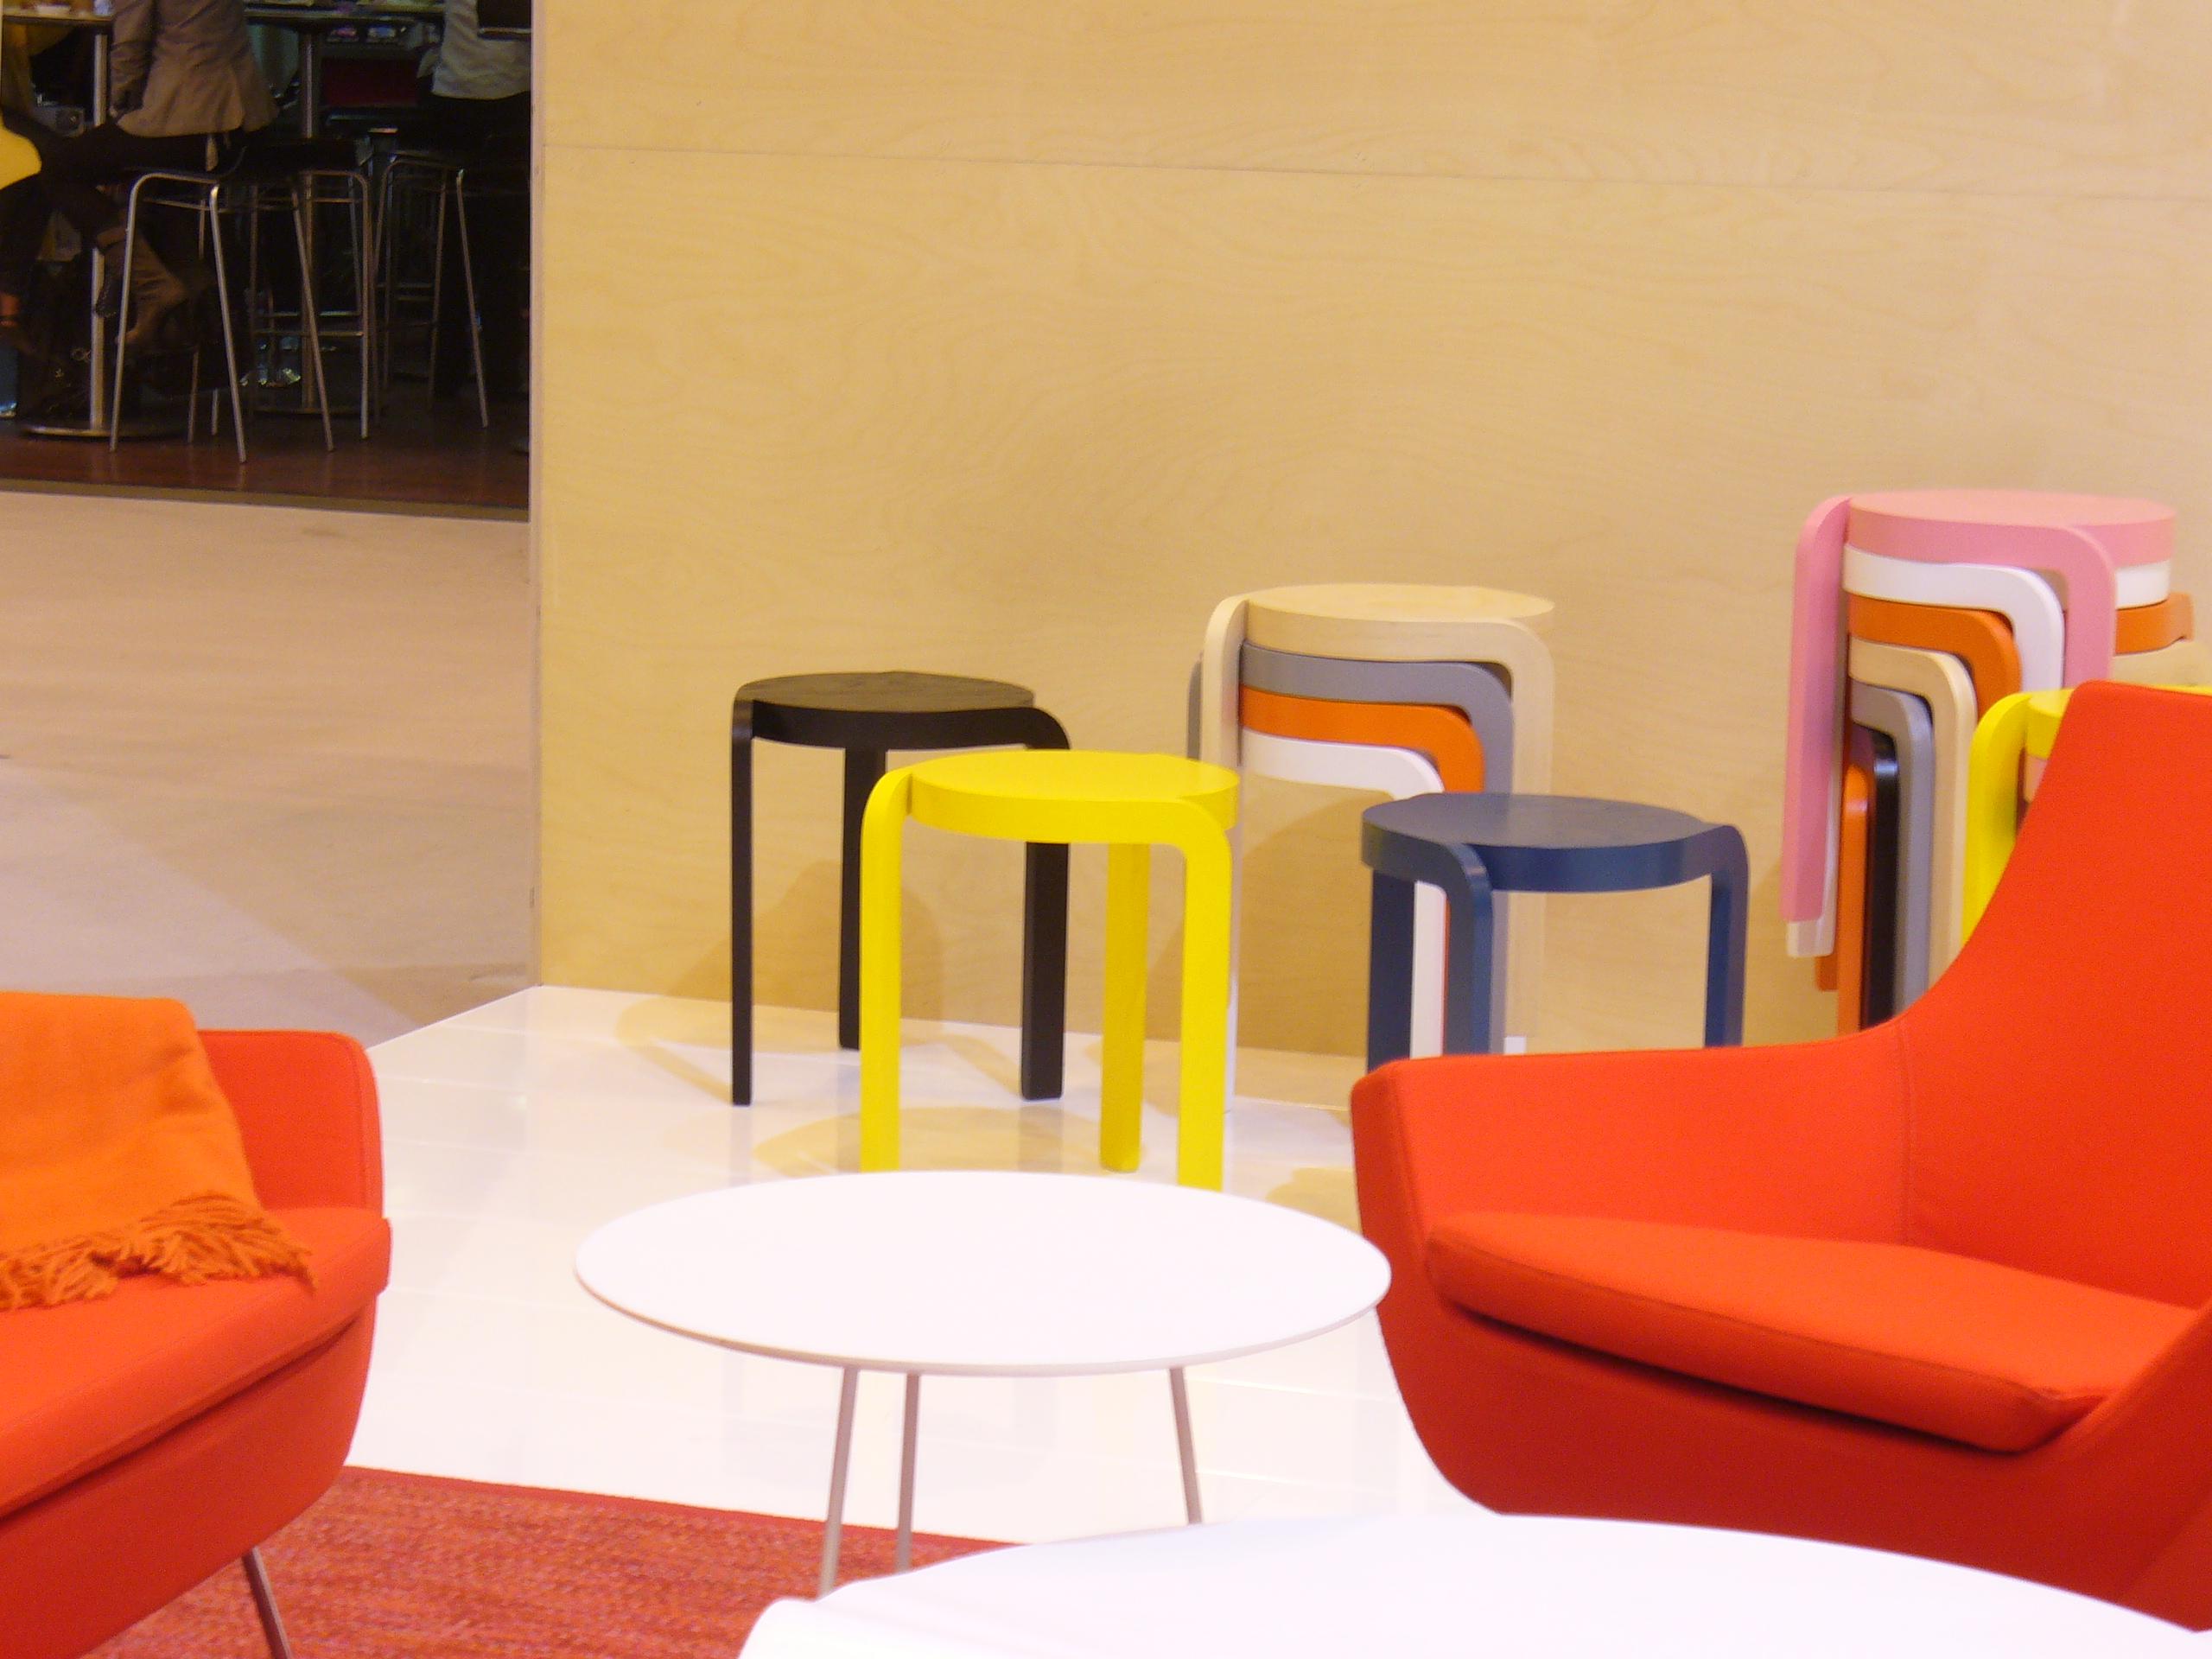 Minimal furniture pieces